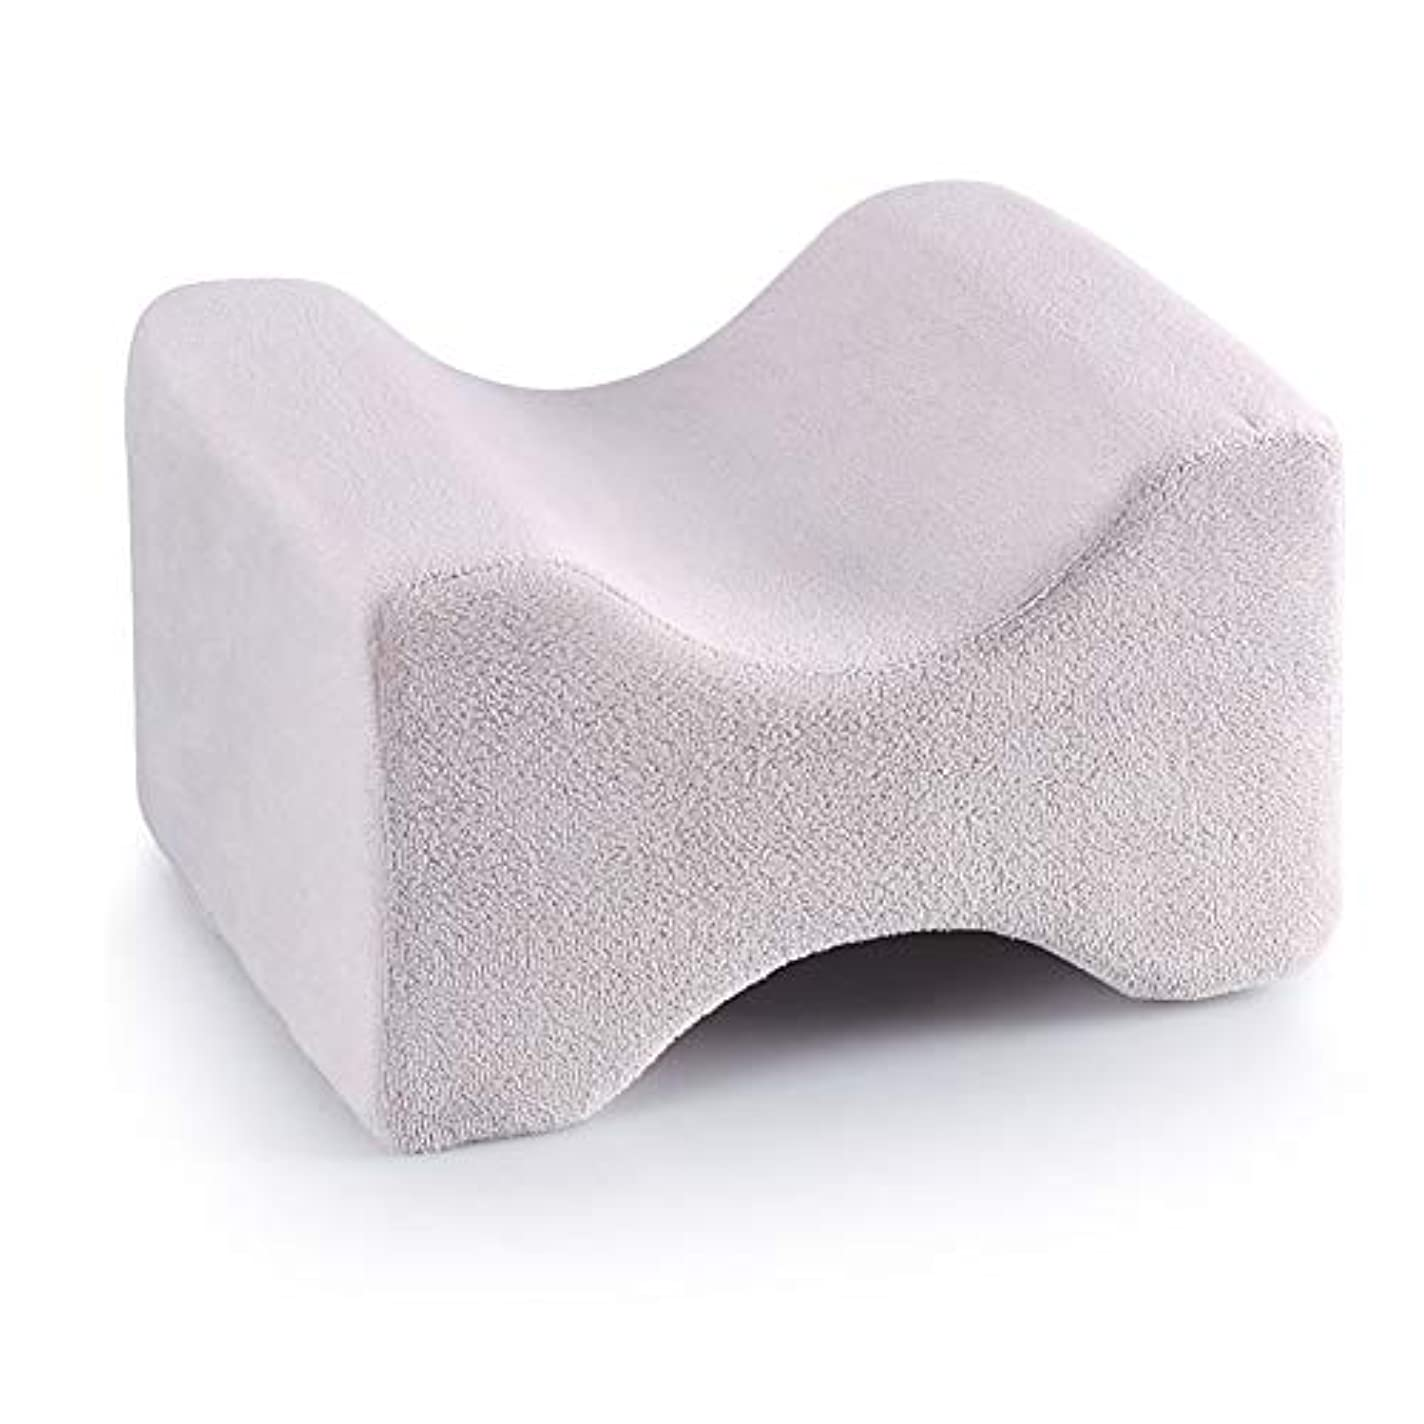 不屈から聞くコンテンポラリー3パック整形外科用膝枕用リリーフ、取り外し可能な洗えるカバー、低反発ウェッジの輪郭を促し、睡眠を促進し、血液循環を改善